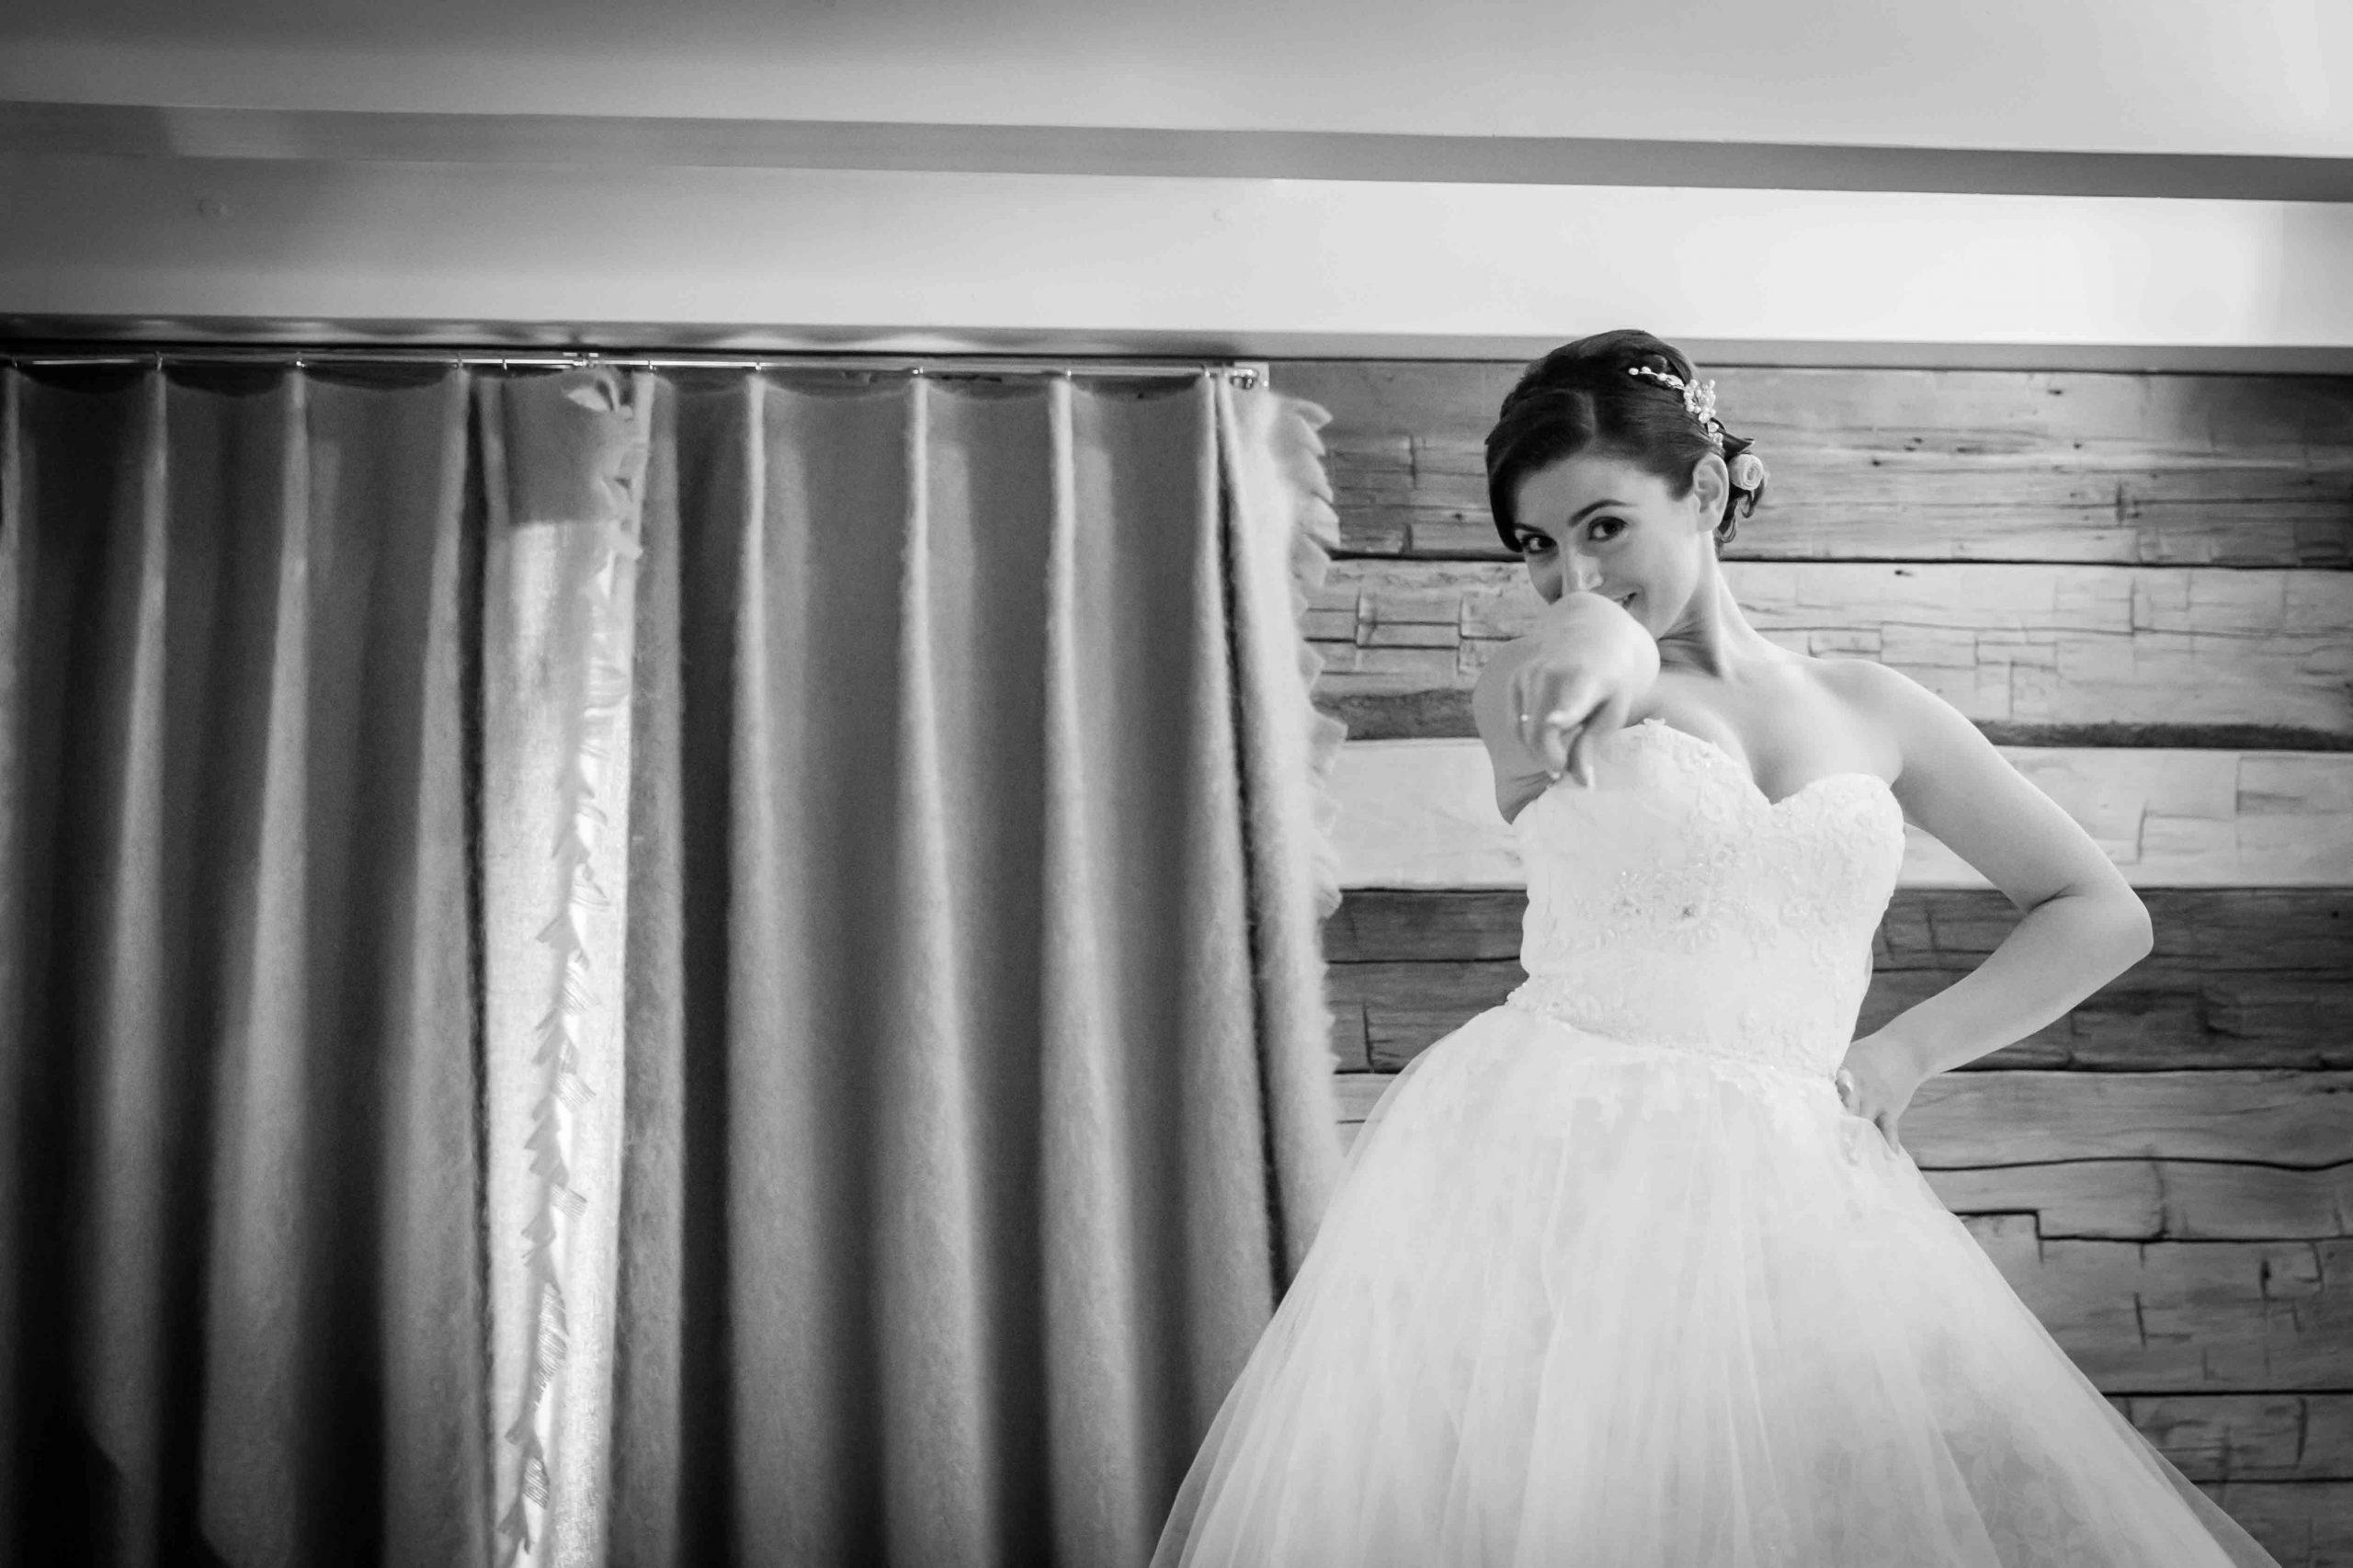 la mariée nous montre sa robe de manière fun et drôle